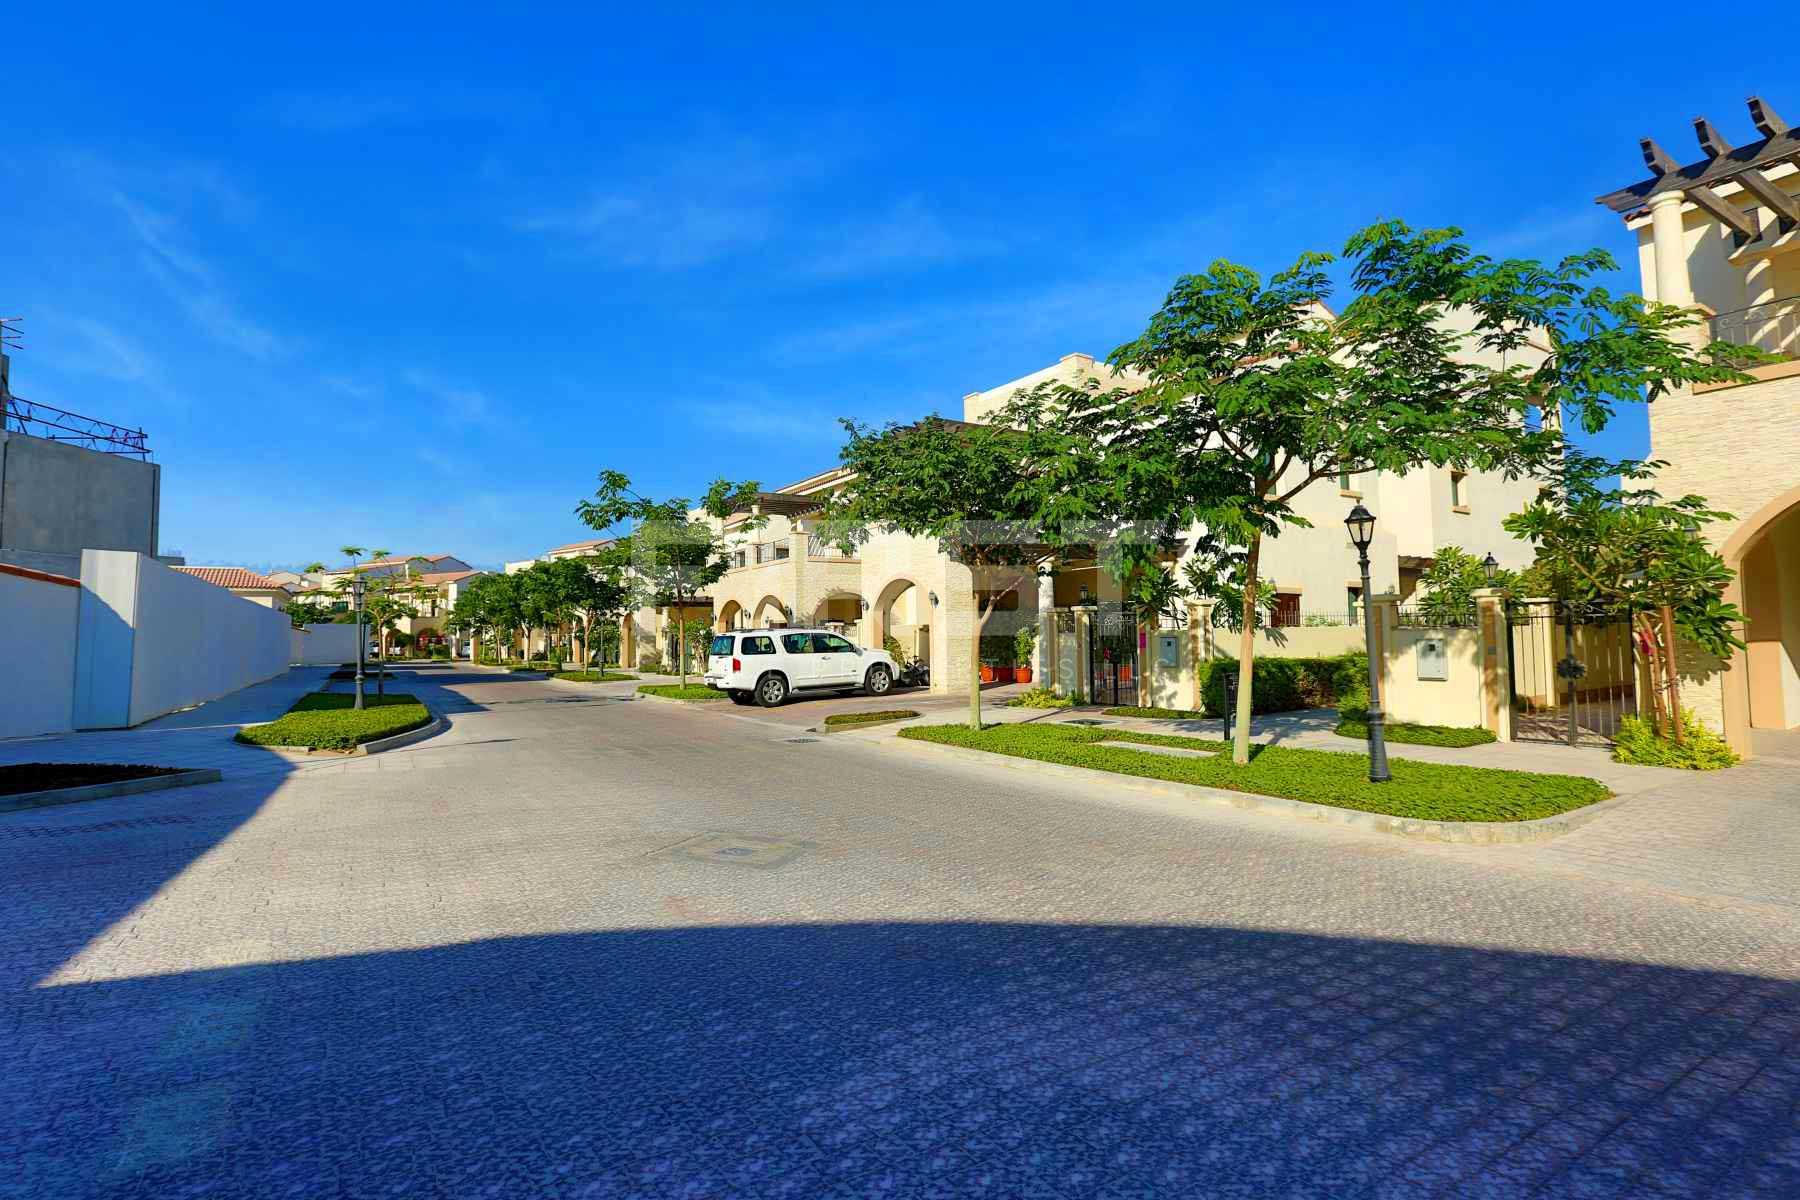 Bloom Gardebs, Al Salam Street - Abu Dhabi, UAE (1).jpg